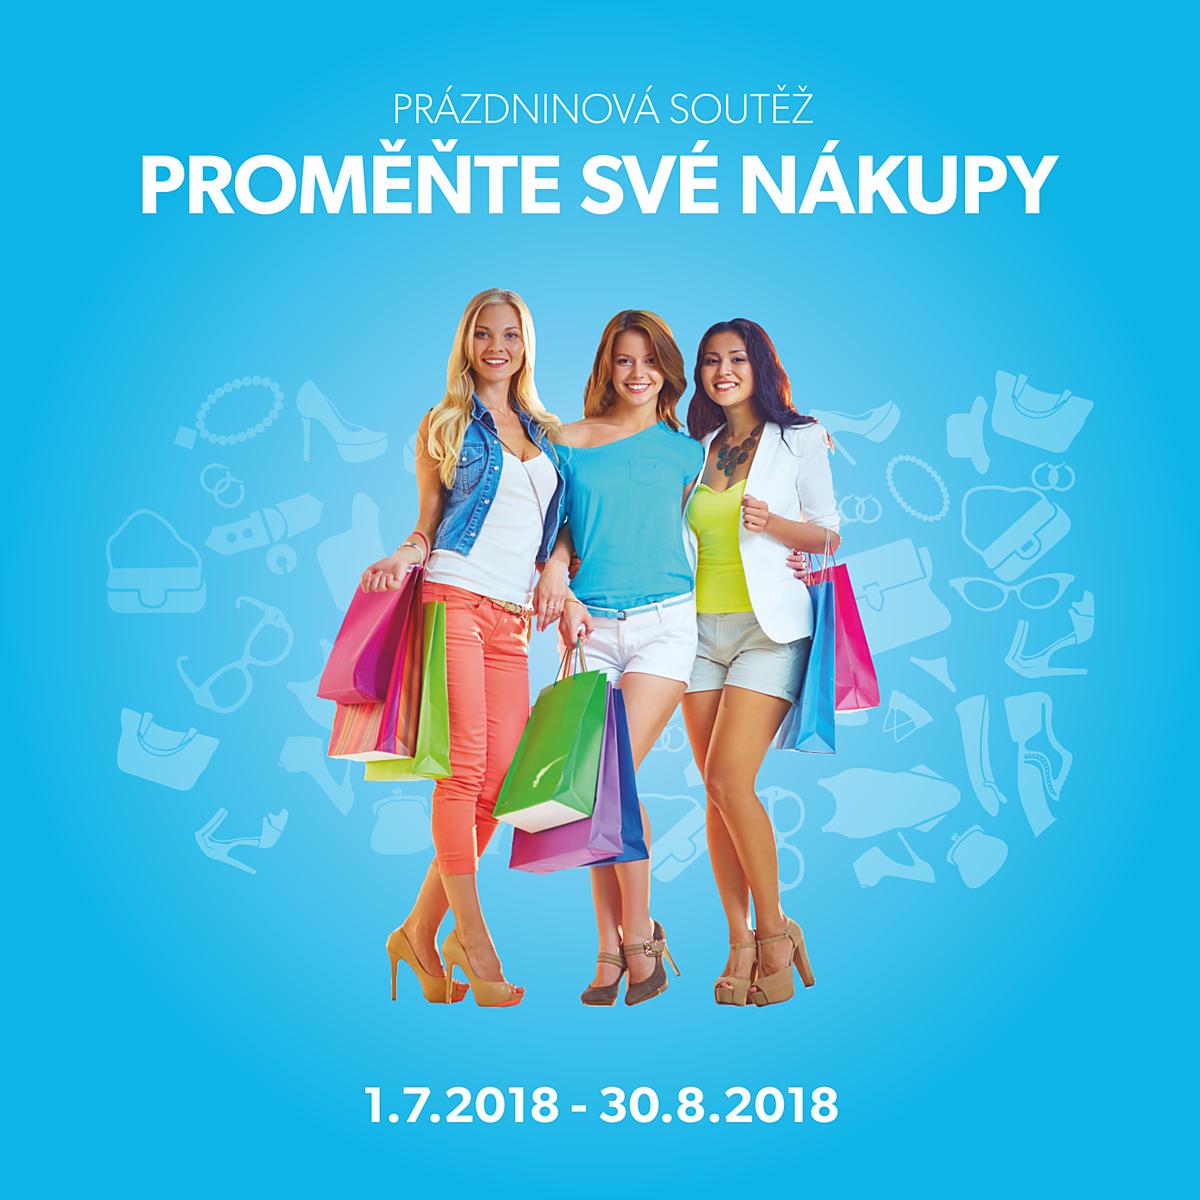 Prázdninová soutěž: proměňte své nákupy